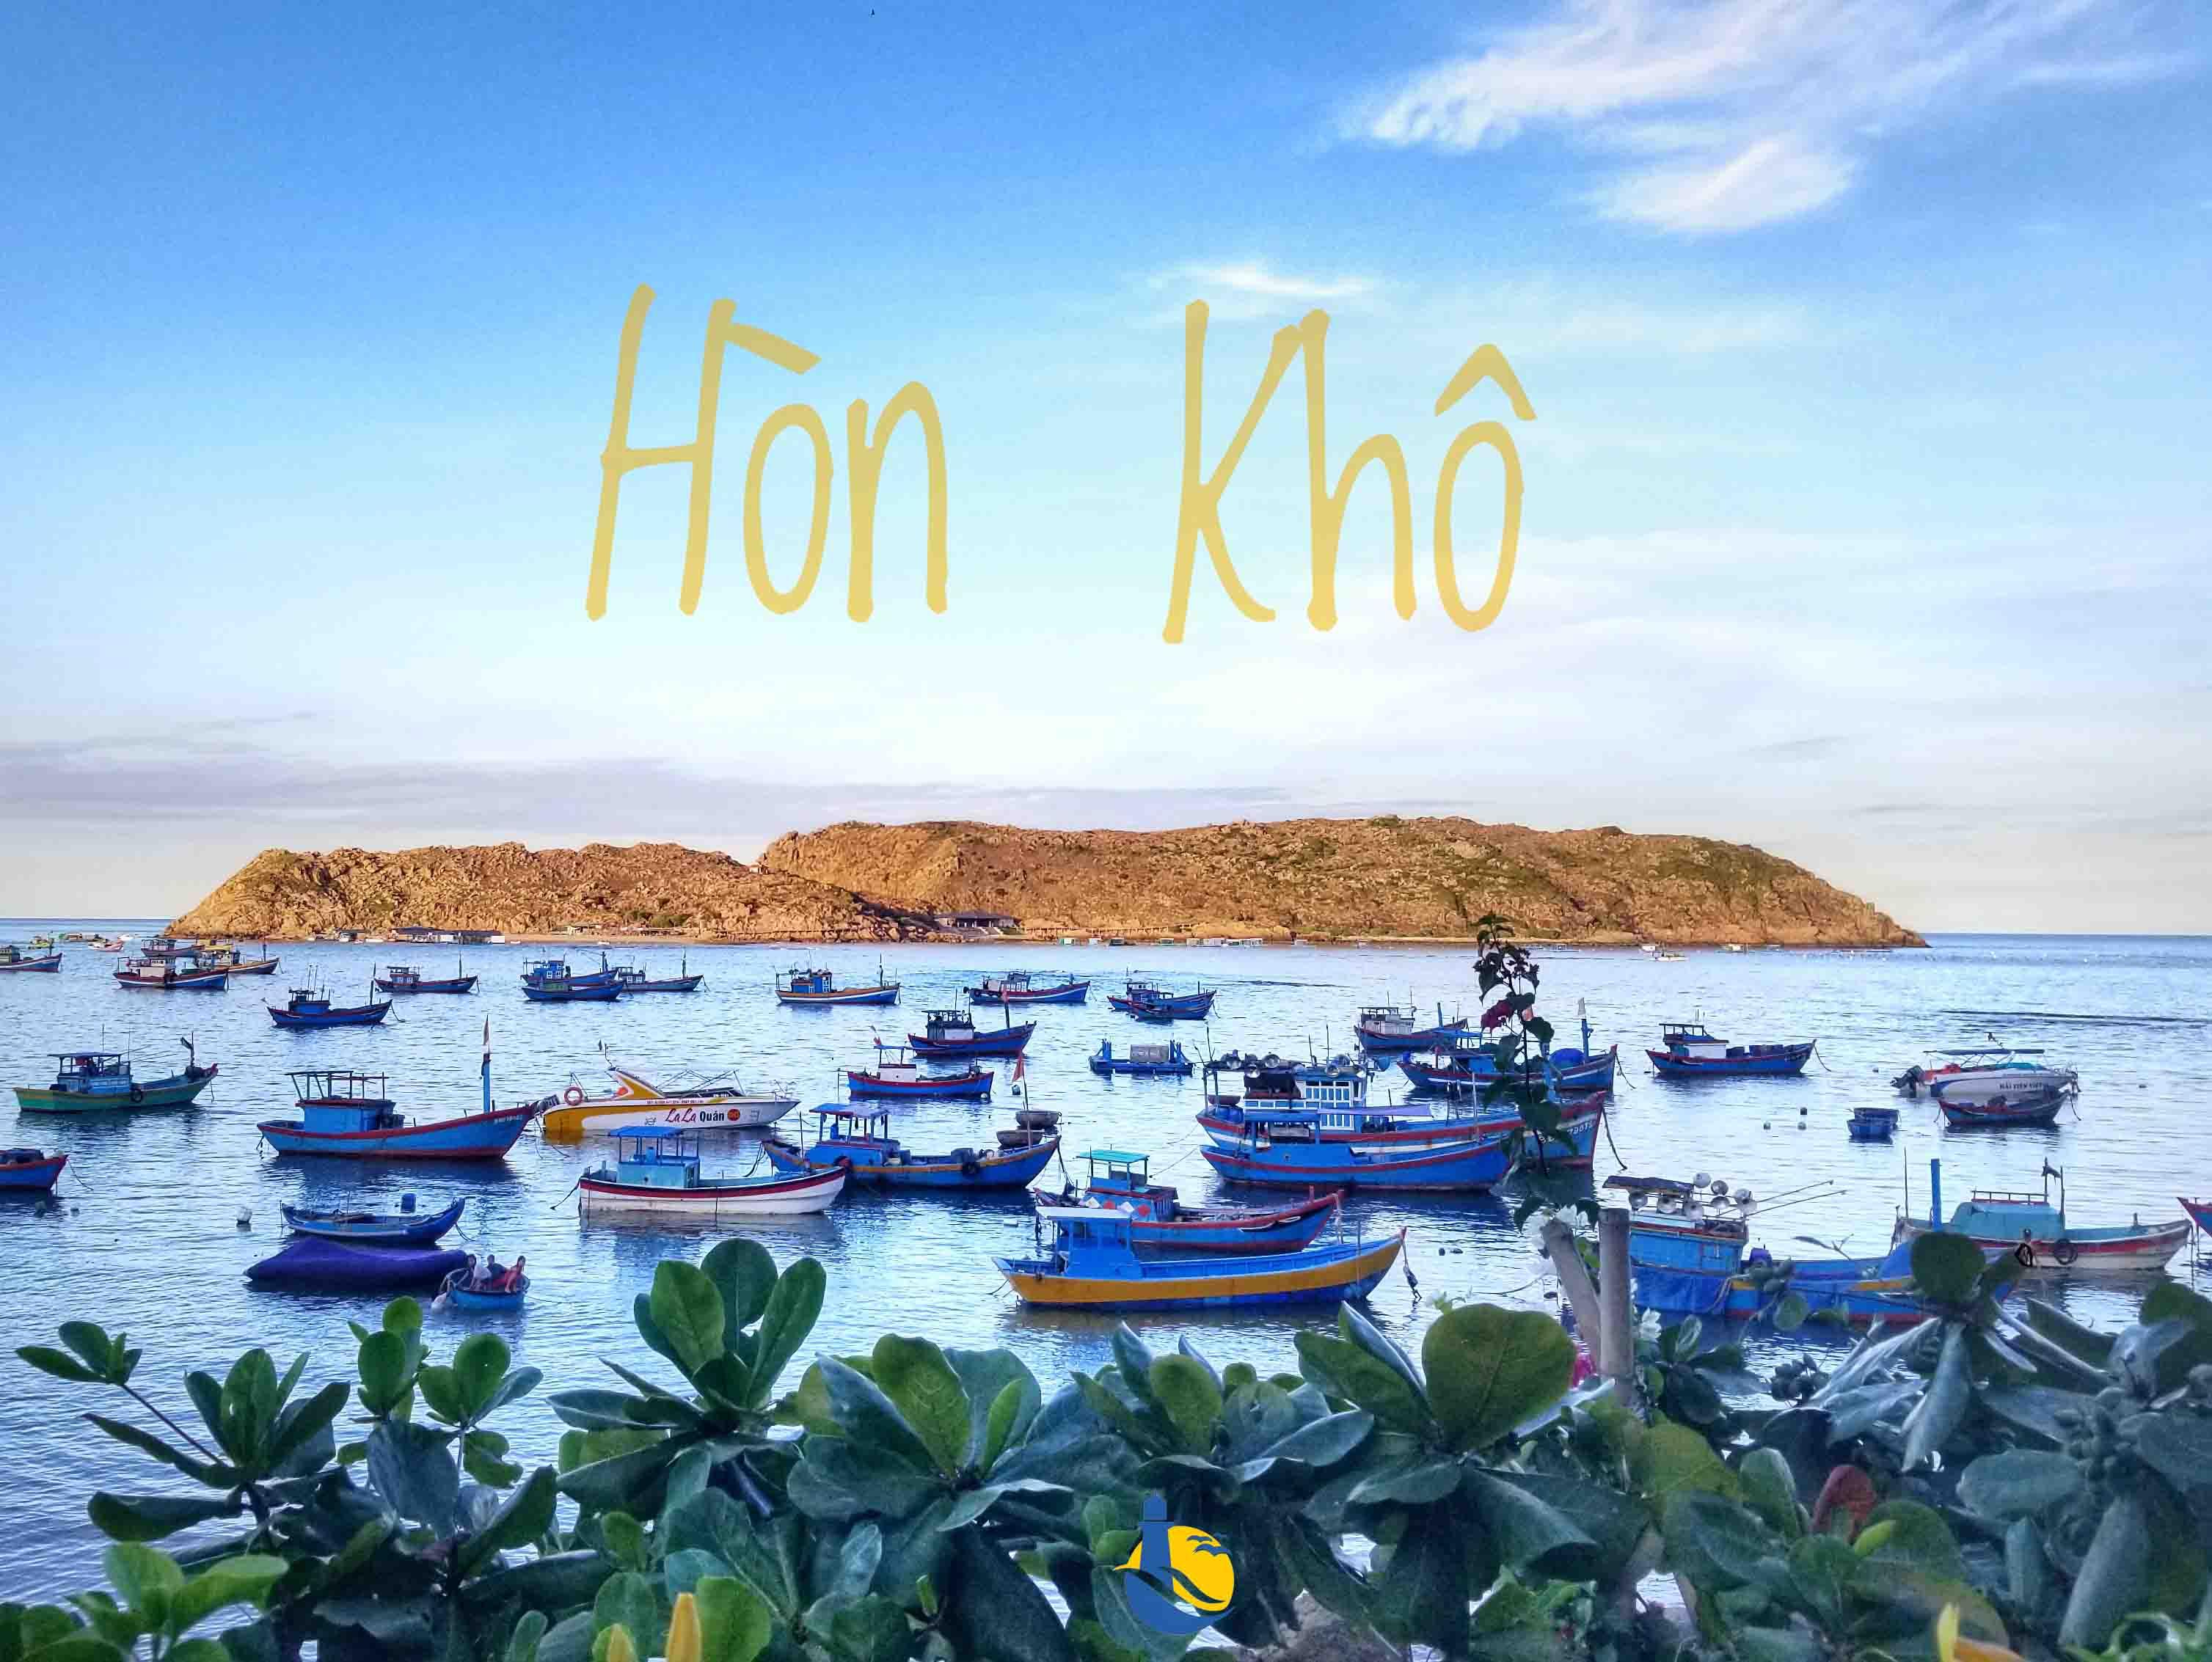 Con đường xuyên biển hòn Khô địa điểm du lịch Quy Nhơn